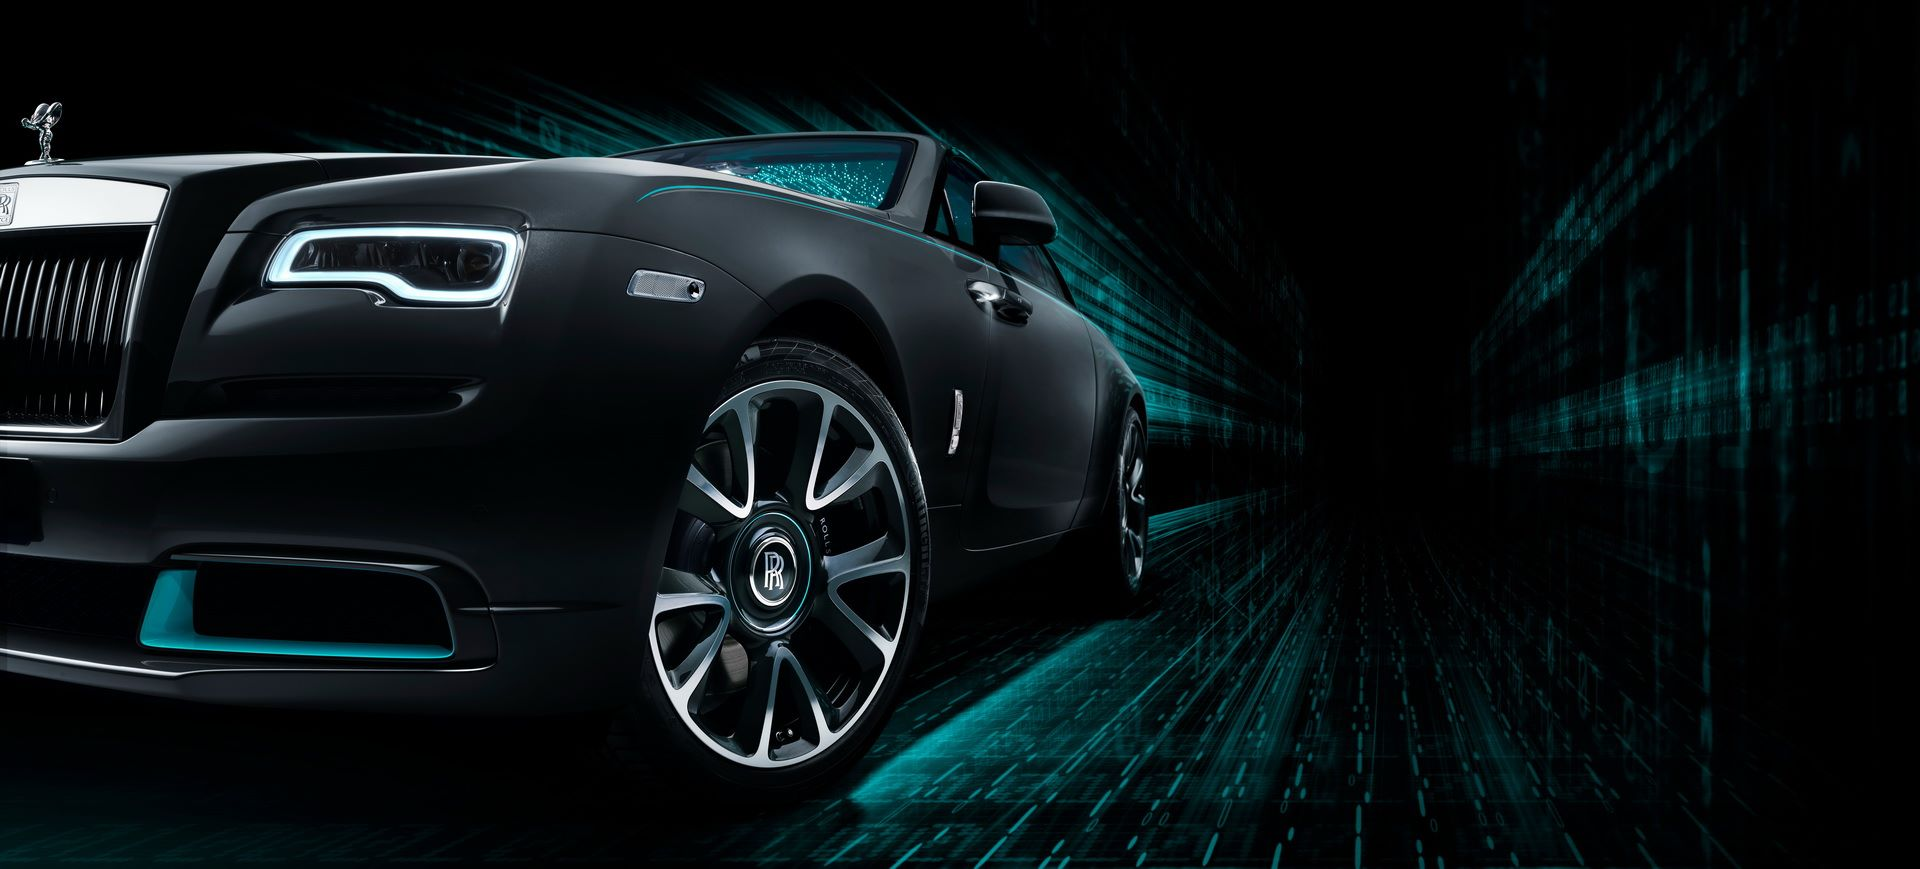 Rolls-Royce-Wraith-Kryptos-Collection-7